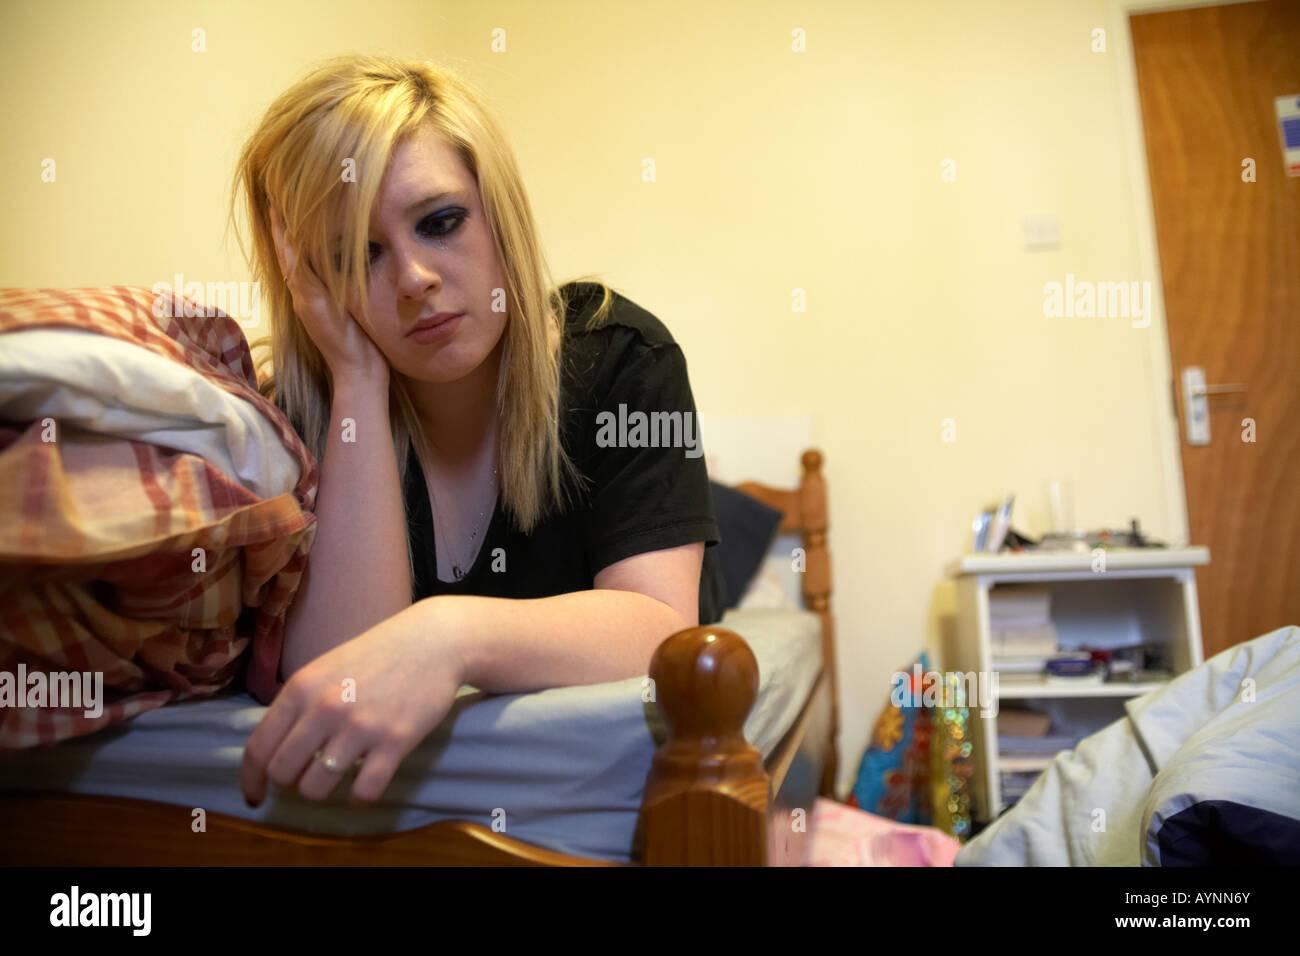 junge Teenager Frau weinend auf Bett liegend in chaotisch Ecktürme Schlafzimmer hielt ihren Kopf in einer hand Stockbild